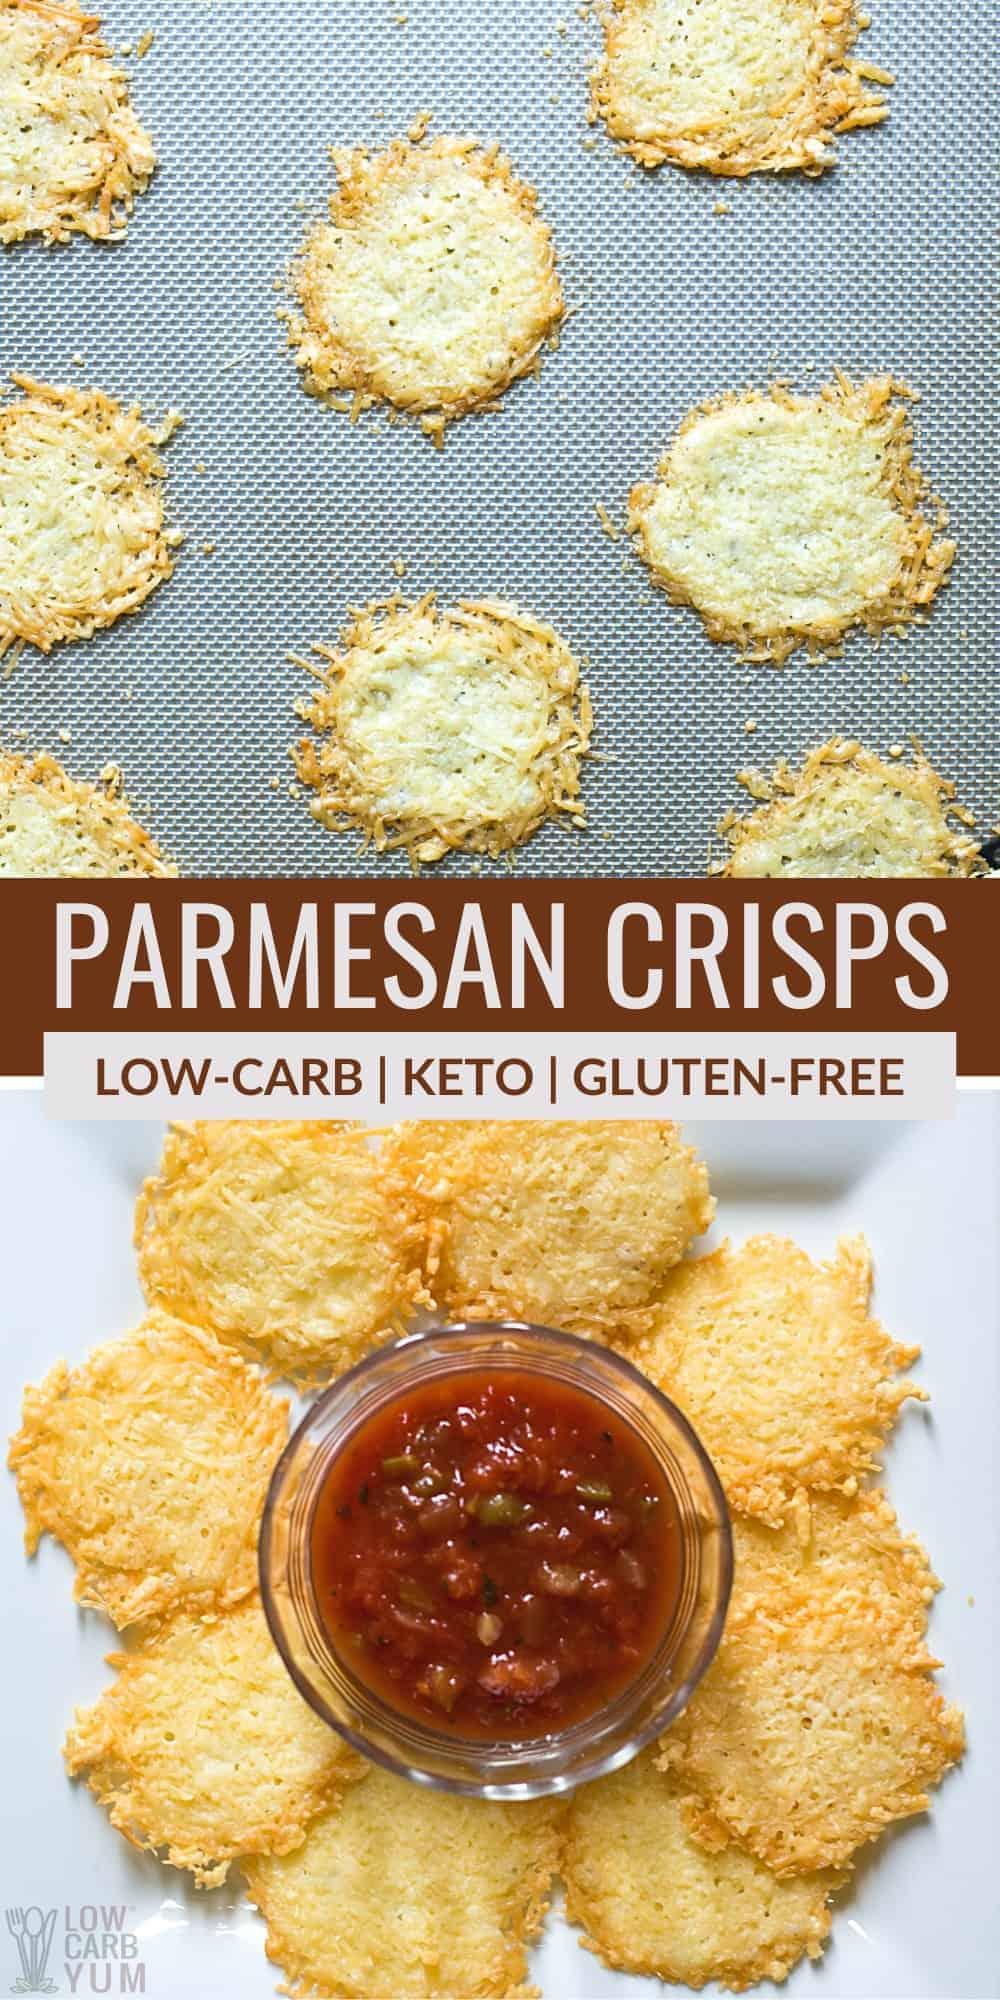 parmesan crisps pinterest image